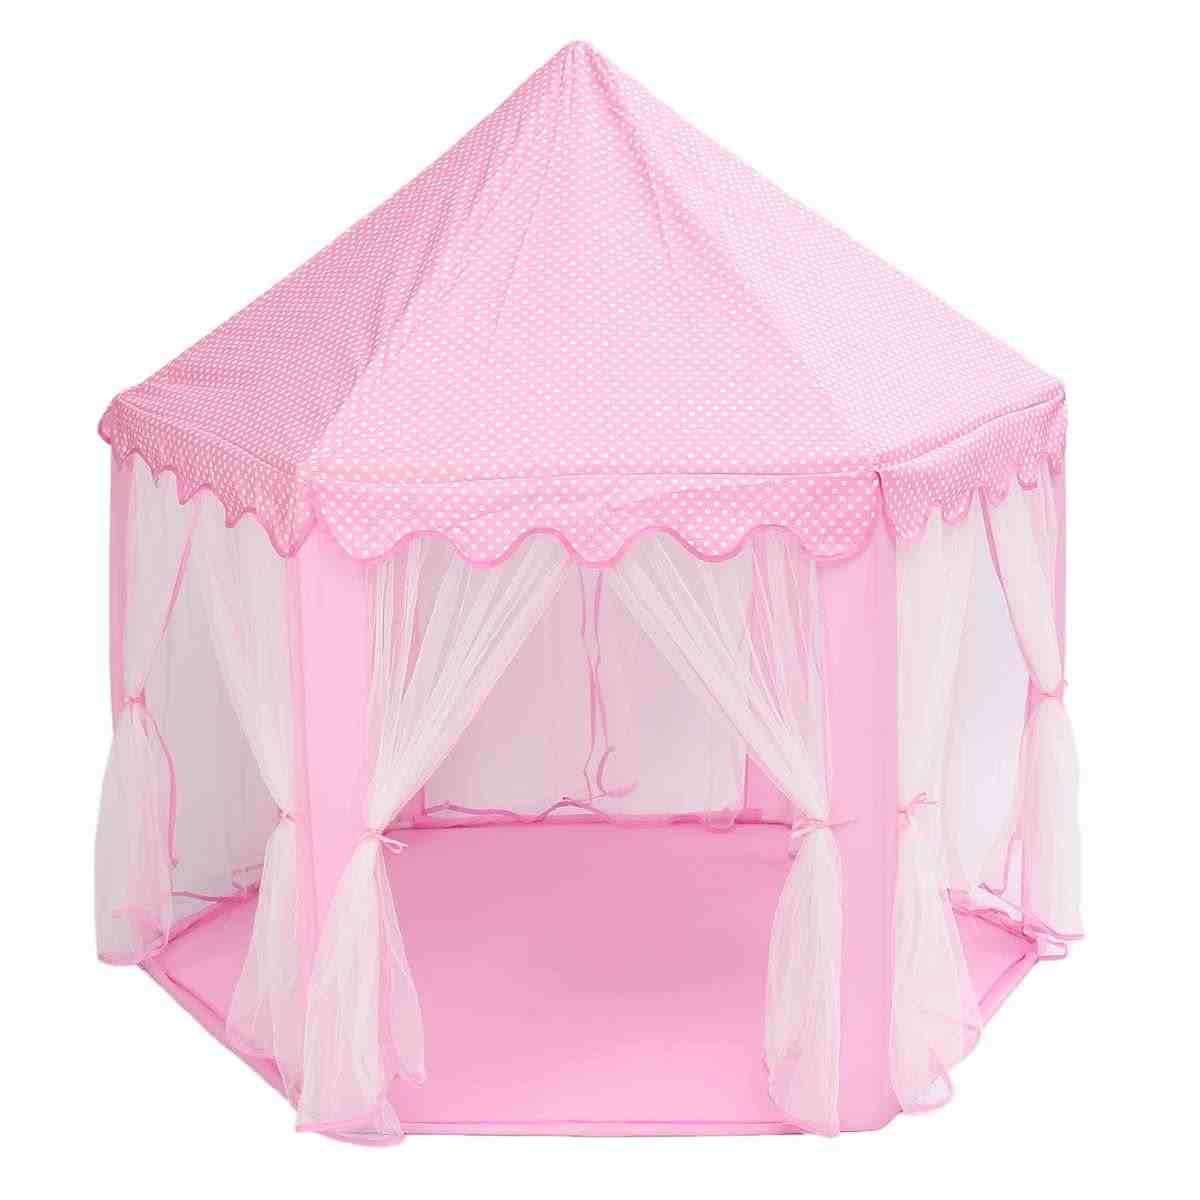 Портативный Принцесса Палатка для игр в форме замка активности Сказочный домик весело театр пляж палатка ребенок играет игрушка в подарок для детей